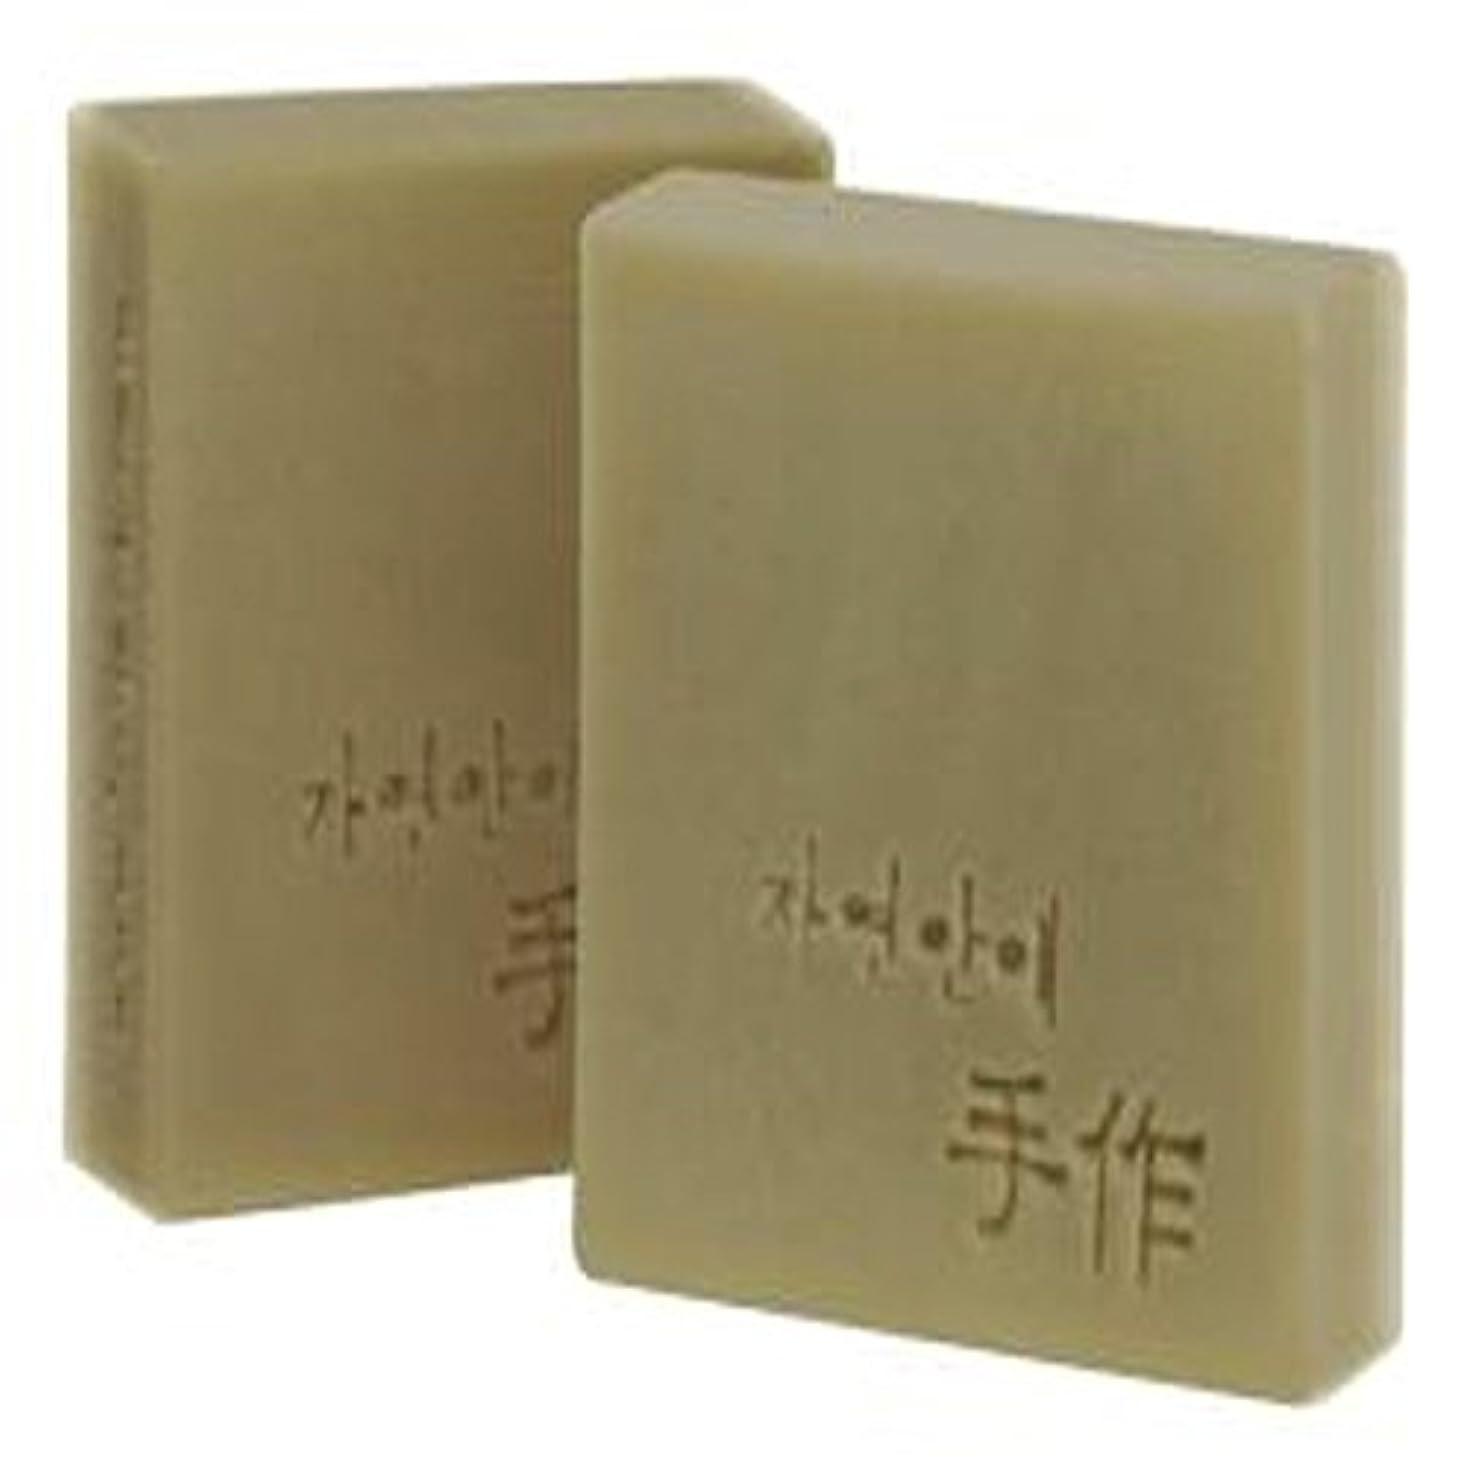 シャツペグ特にNatural organic 有機天然ソープ 固形 無添加 洗顔せっけんクレンジング 石鹸 [並行輸入品] (穀物)